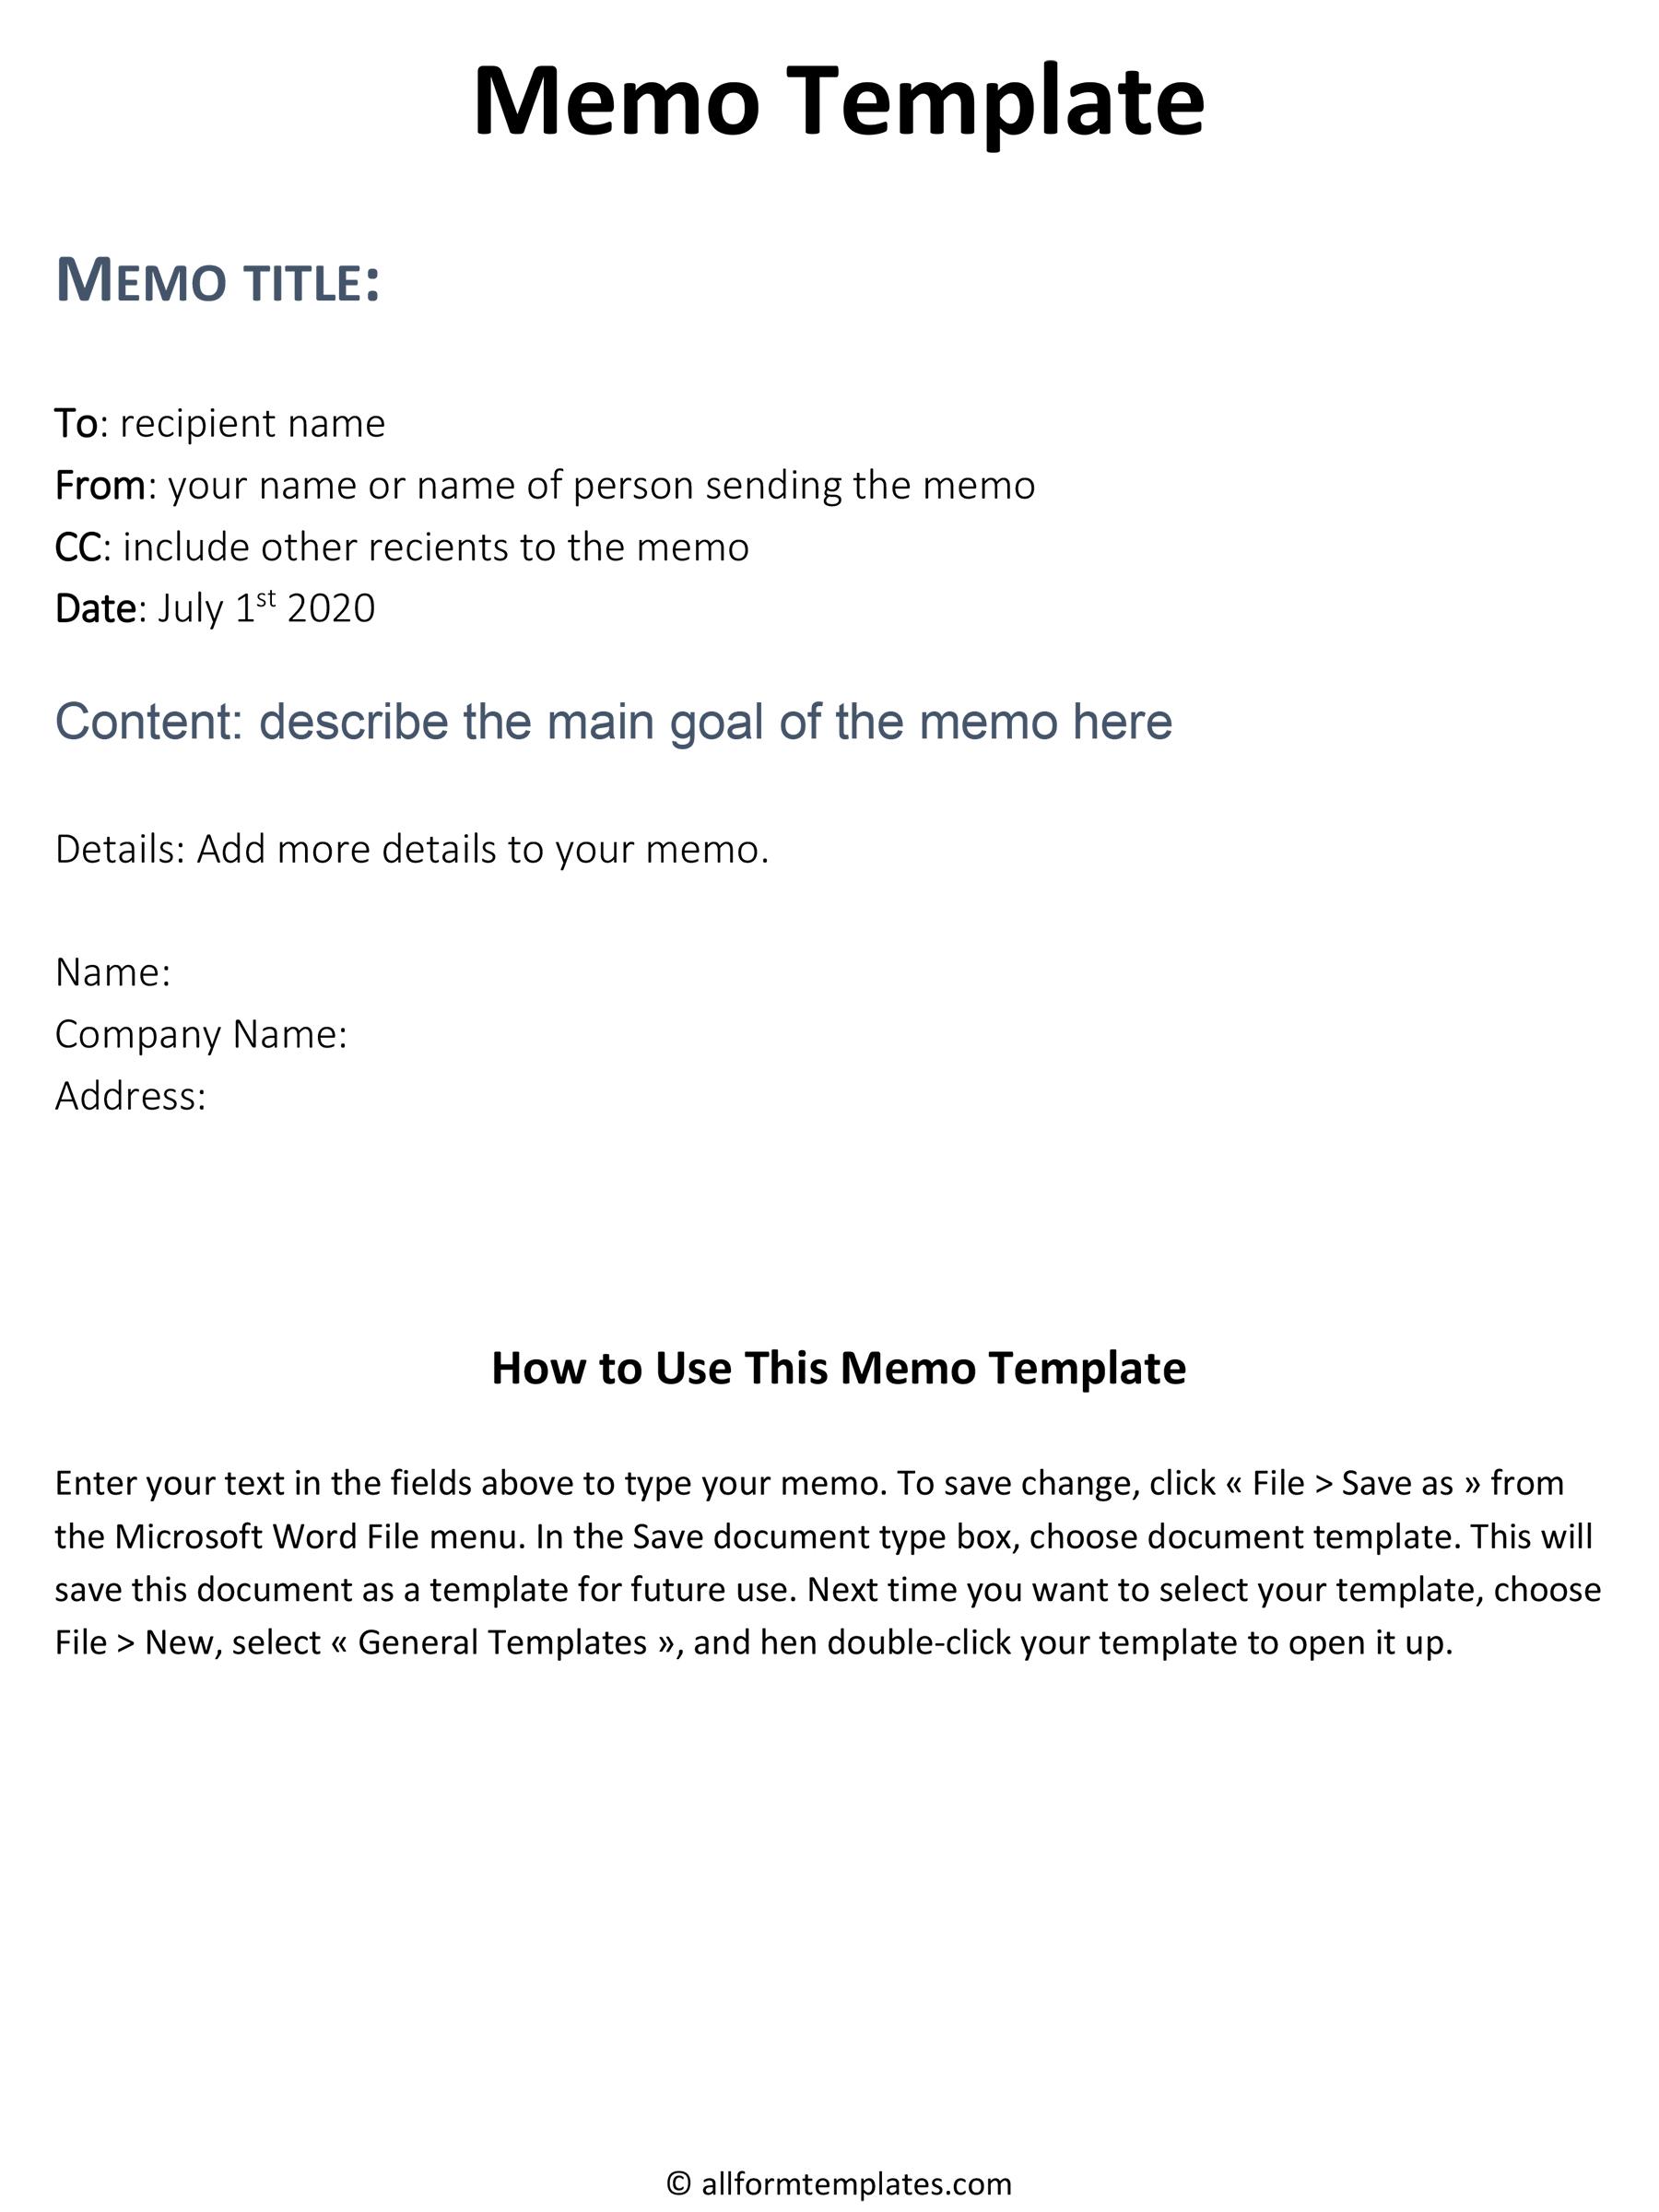 Business memo format,sample memo,templates